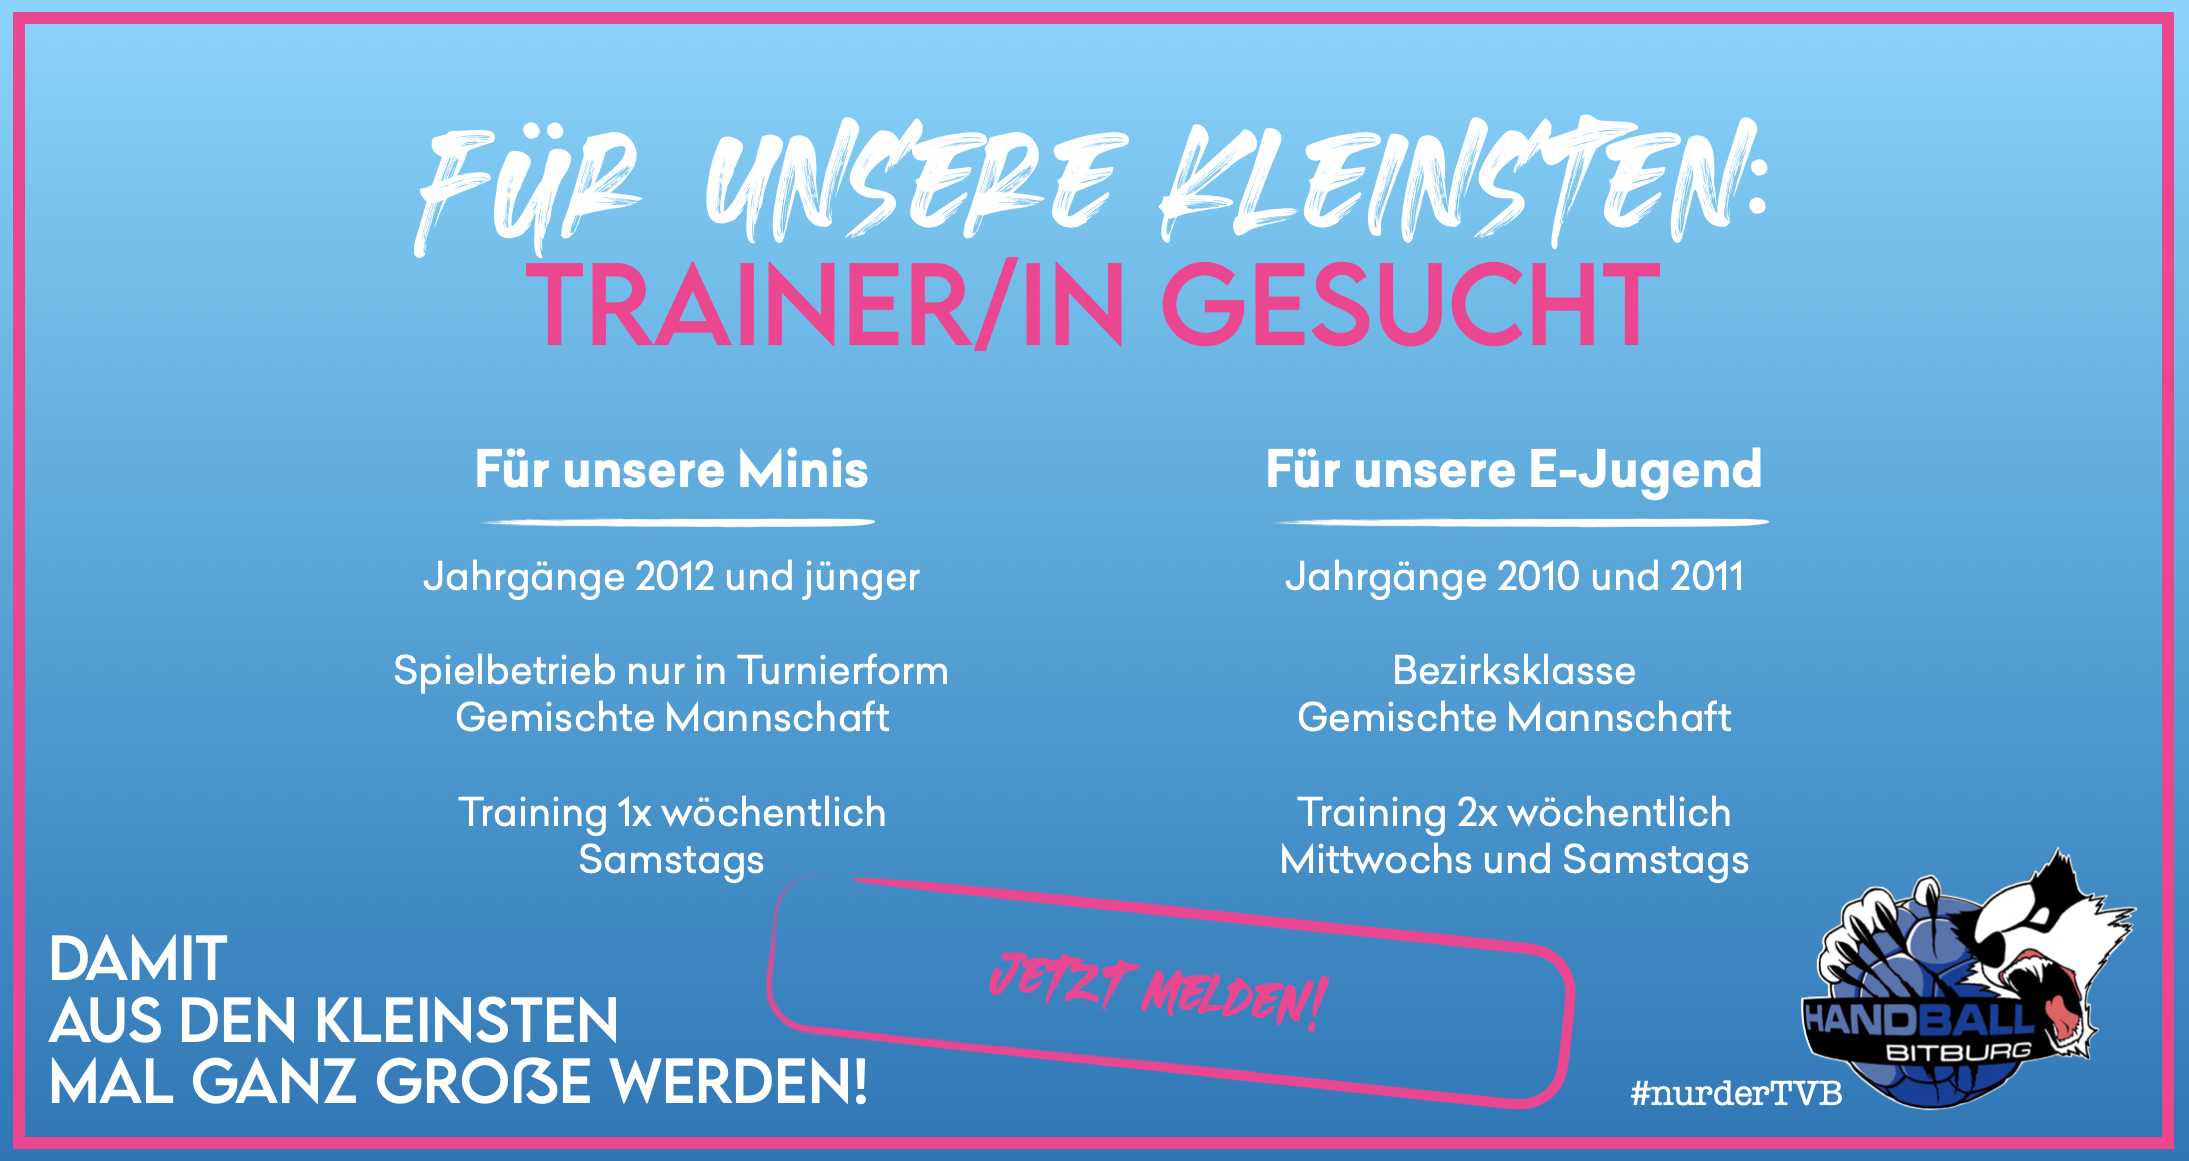 Trainer/in gesucht für unsere Minis und E-Jugend